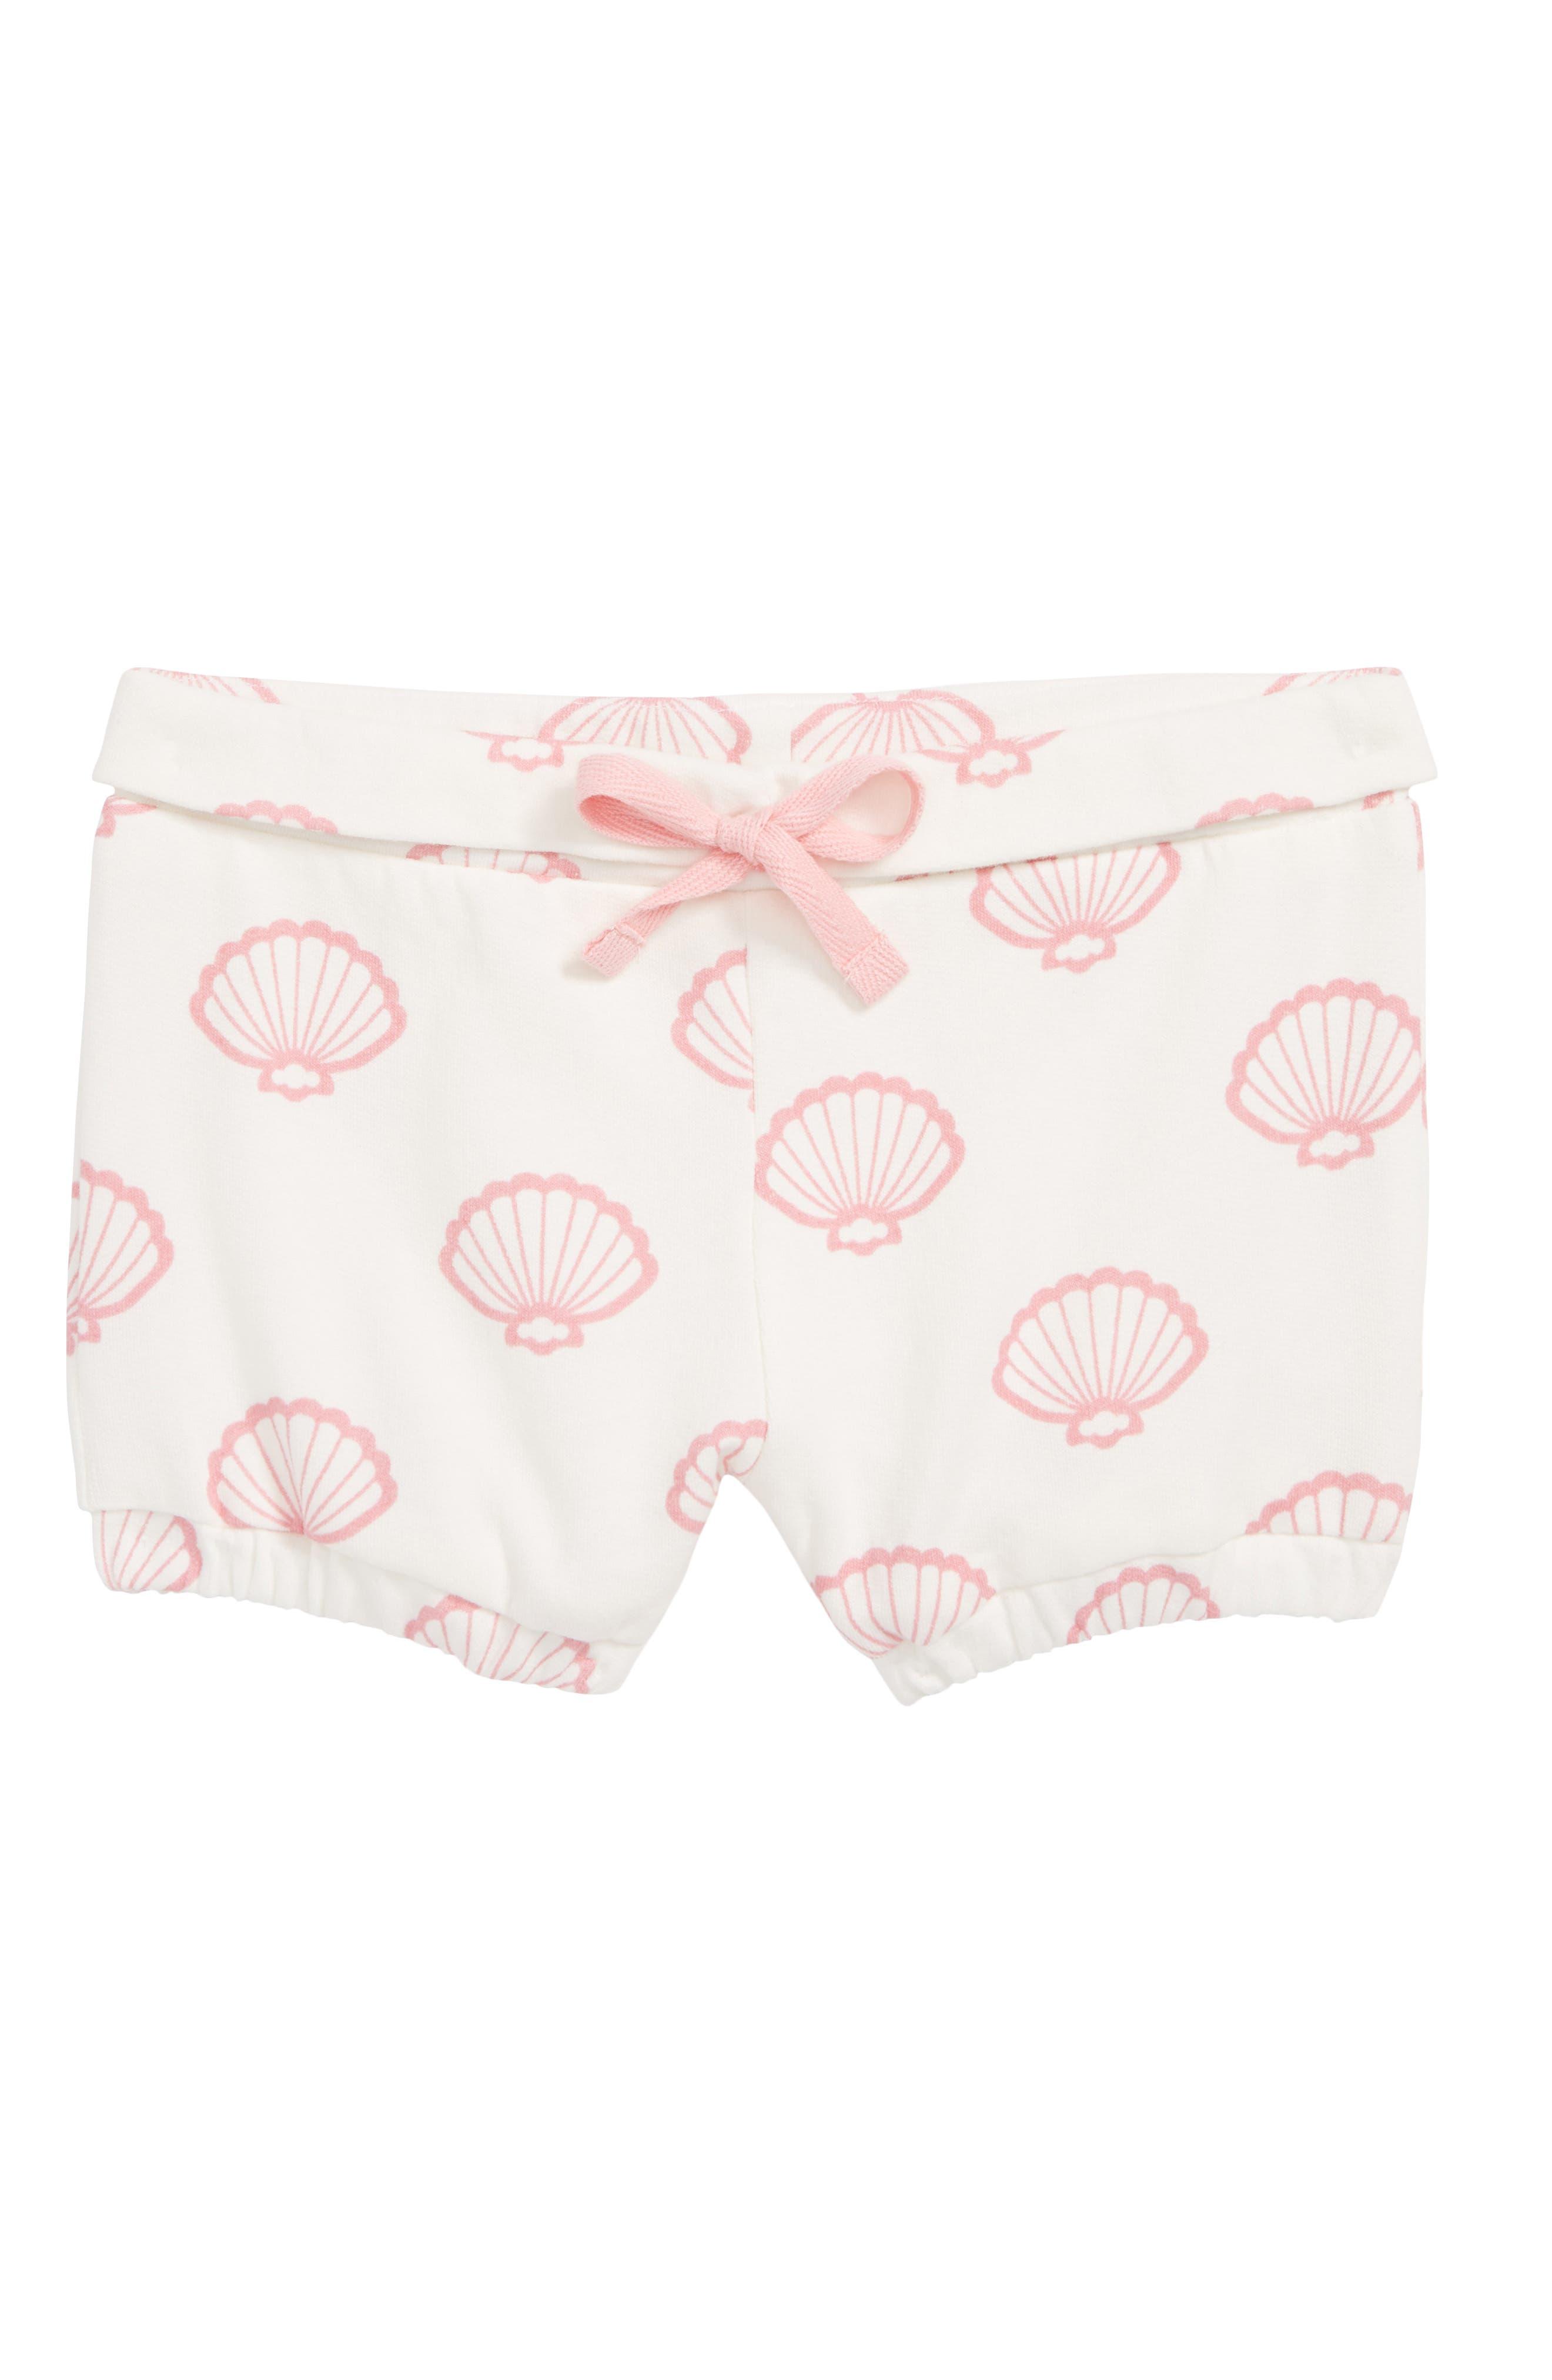 Organic Cotton Knit Shorts,                             Main thumbnail 1, color,                             VITAMIN SEA